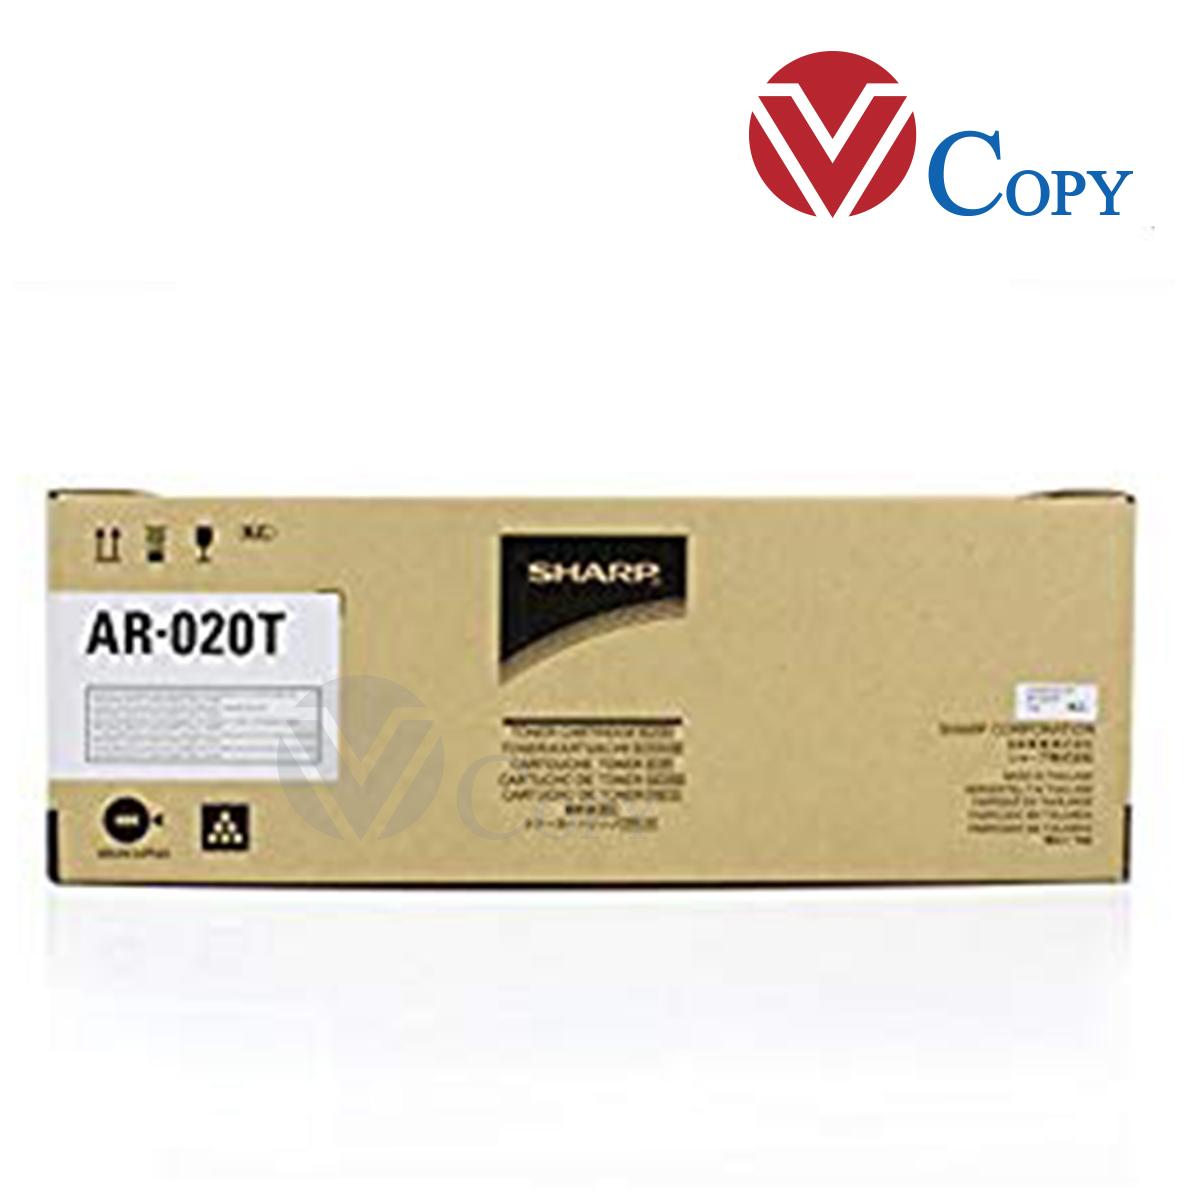 Mực Thương hiệu dùng cho máy photocopy Sharp AR 5520/5516 - Cụm Mực AR-020 - loại 400 gr